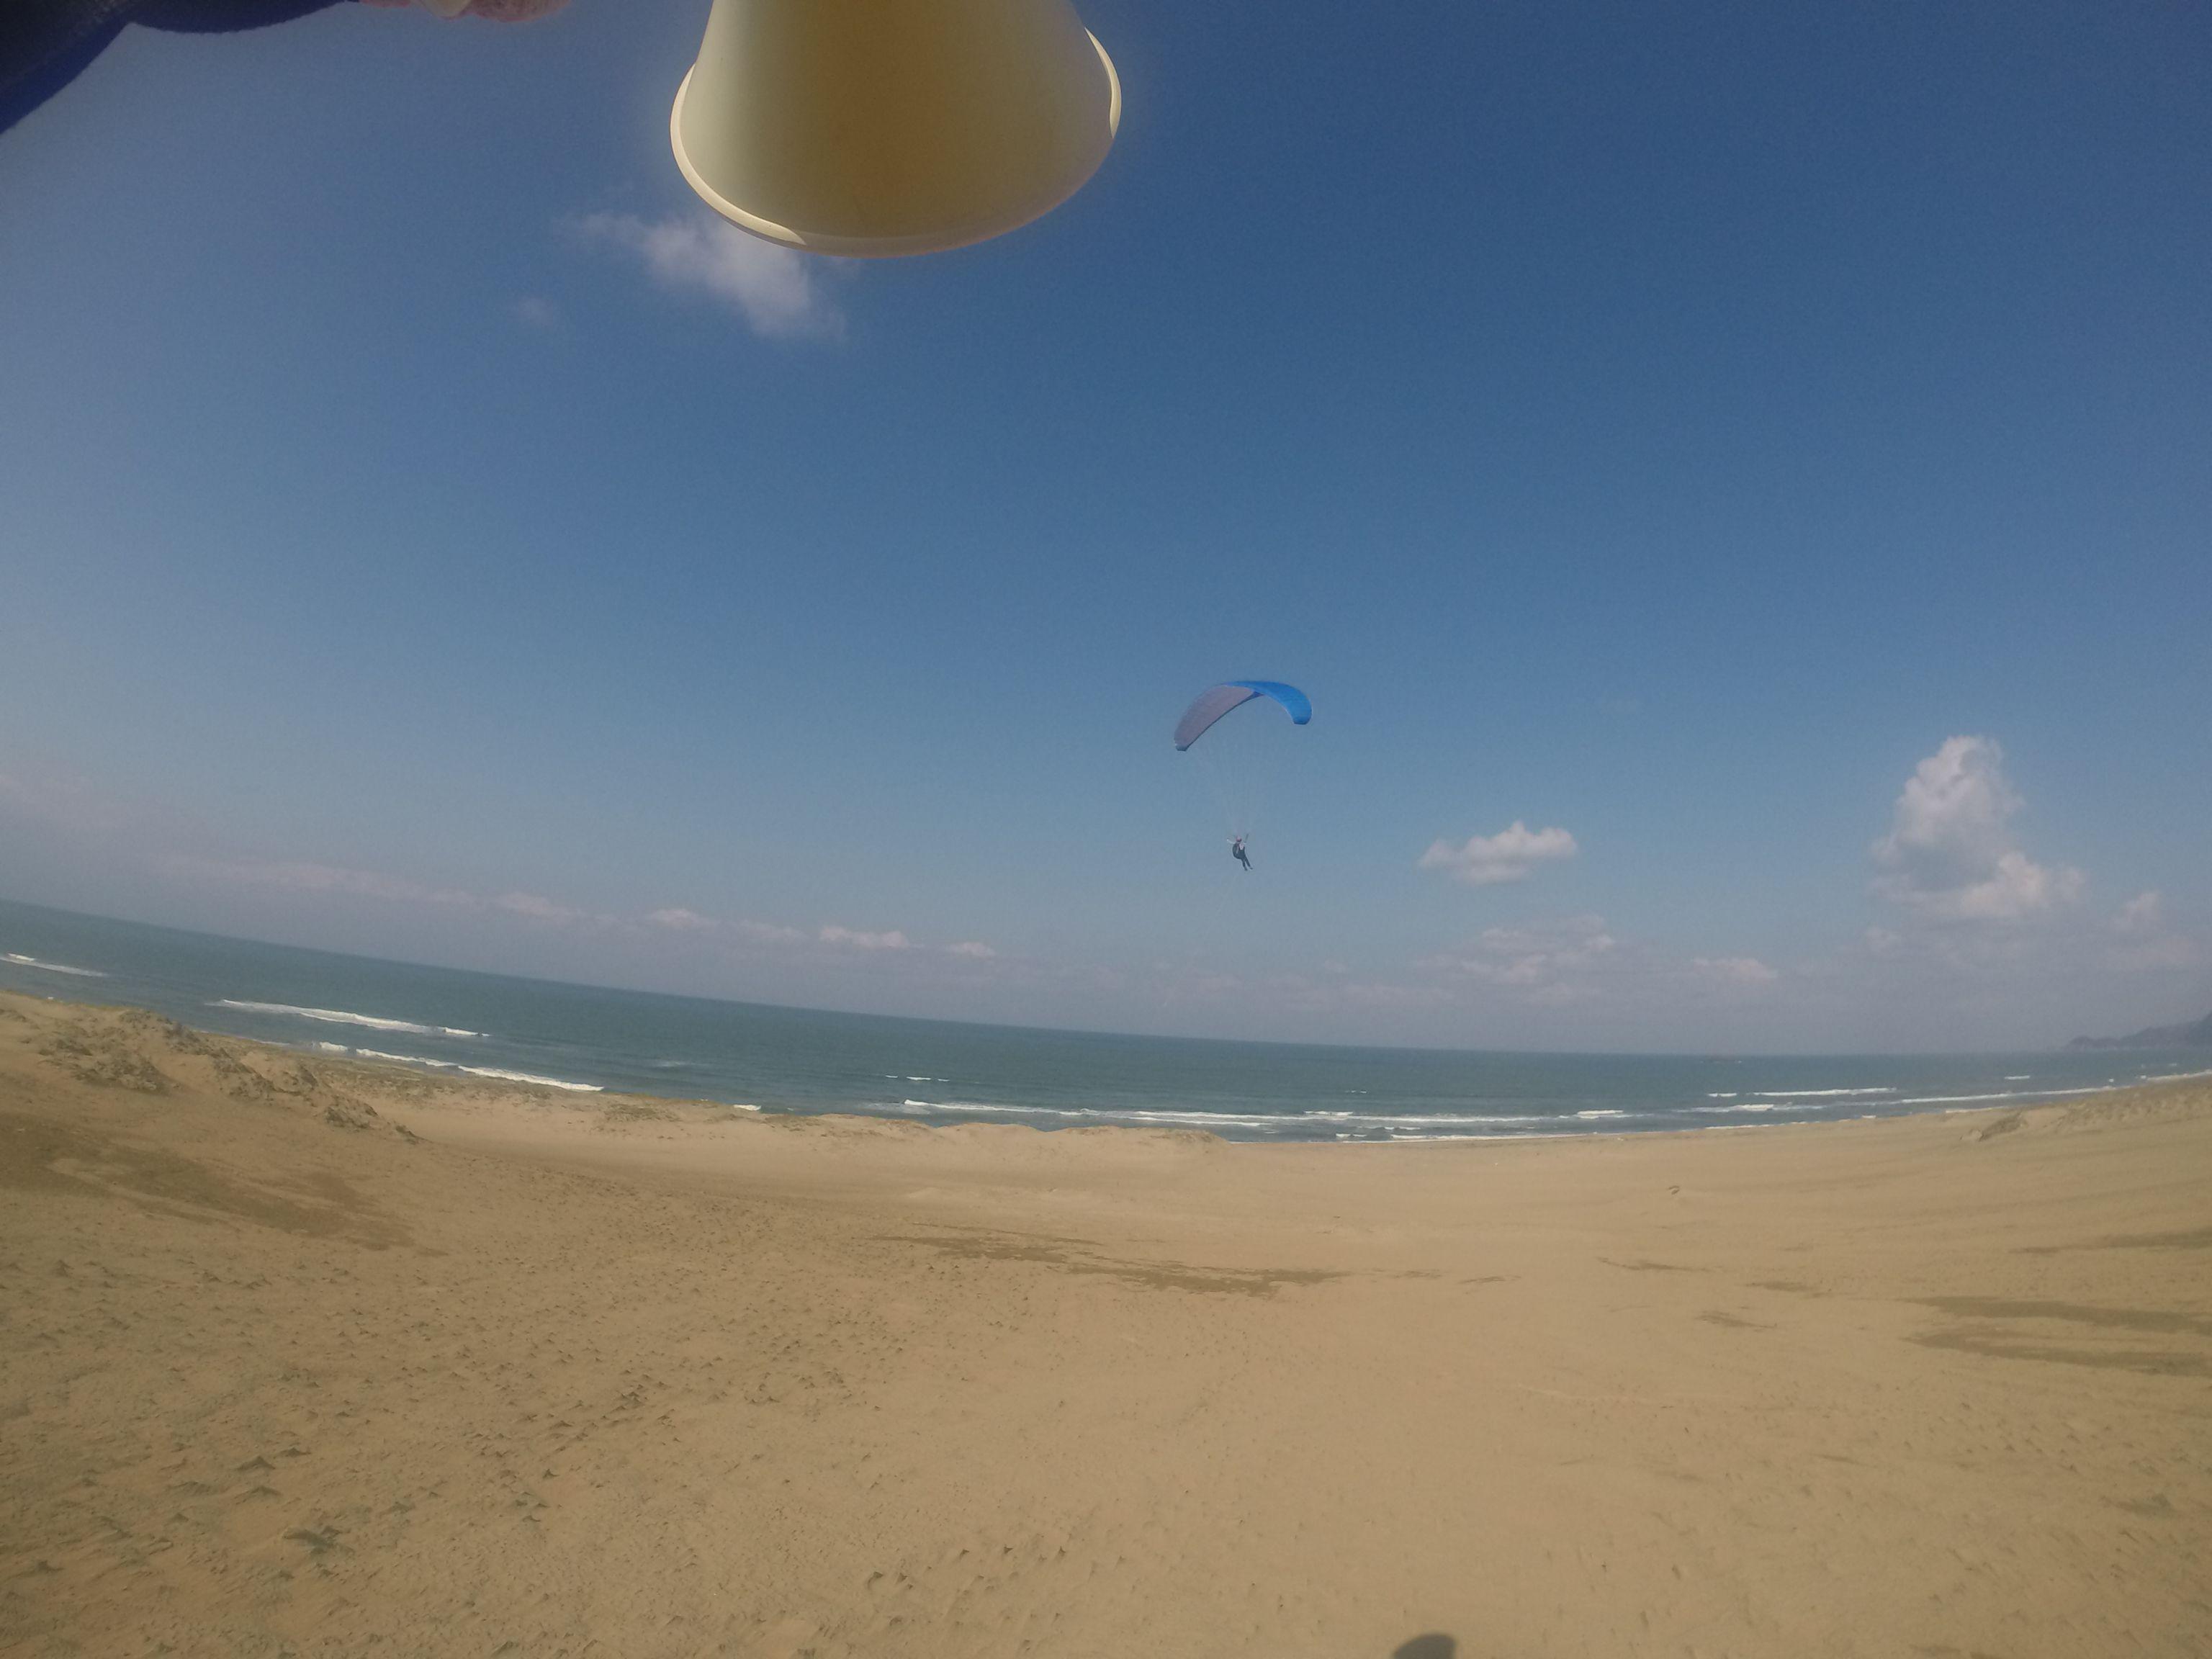 鳥取砂丘の大空間を左右に横断するパラグライダー